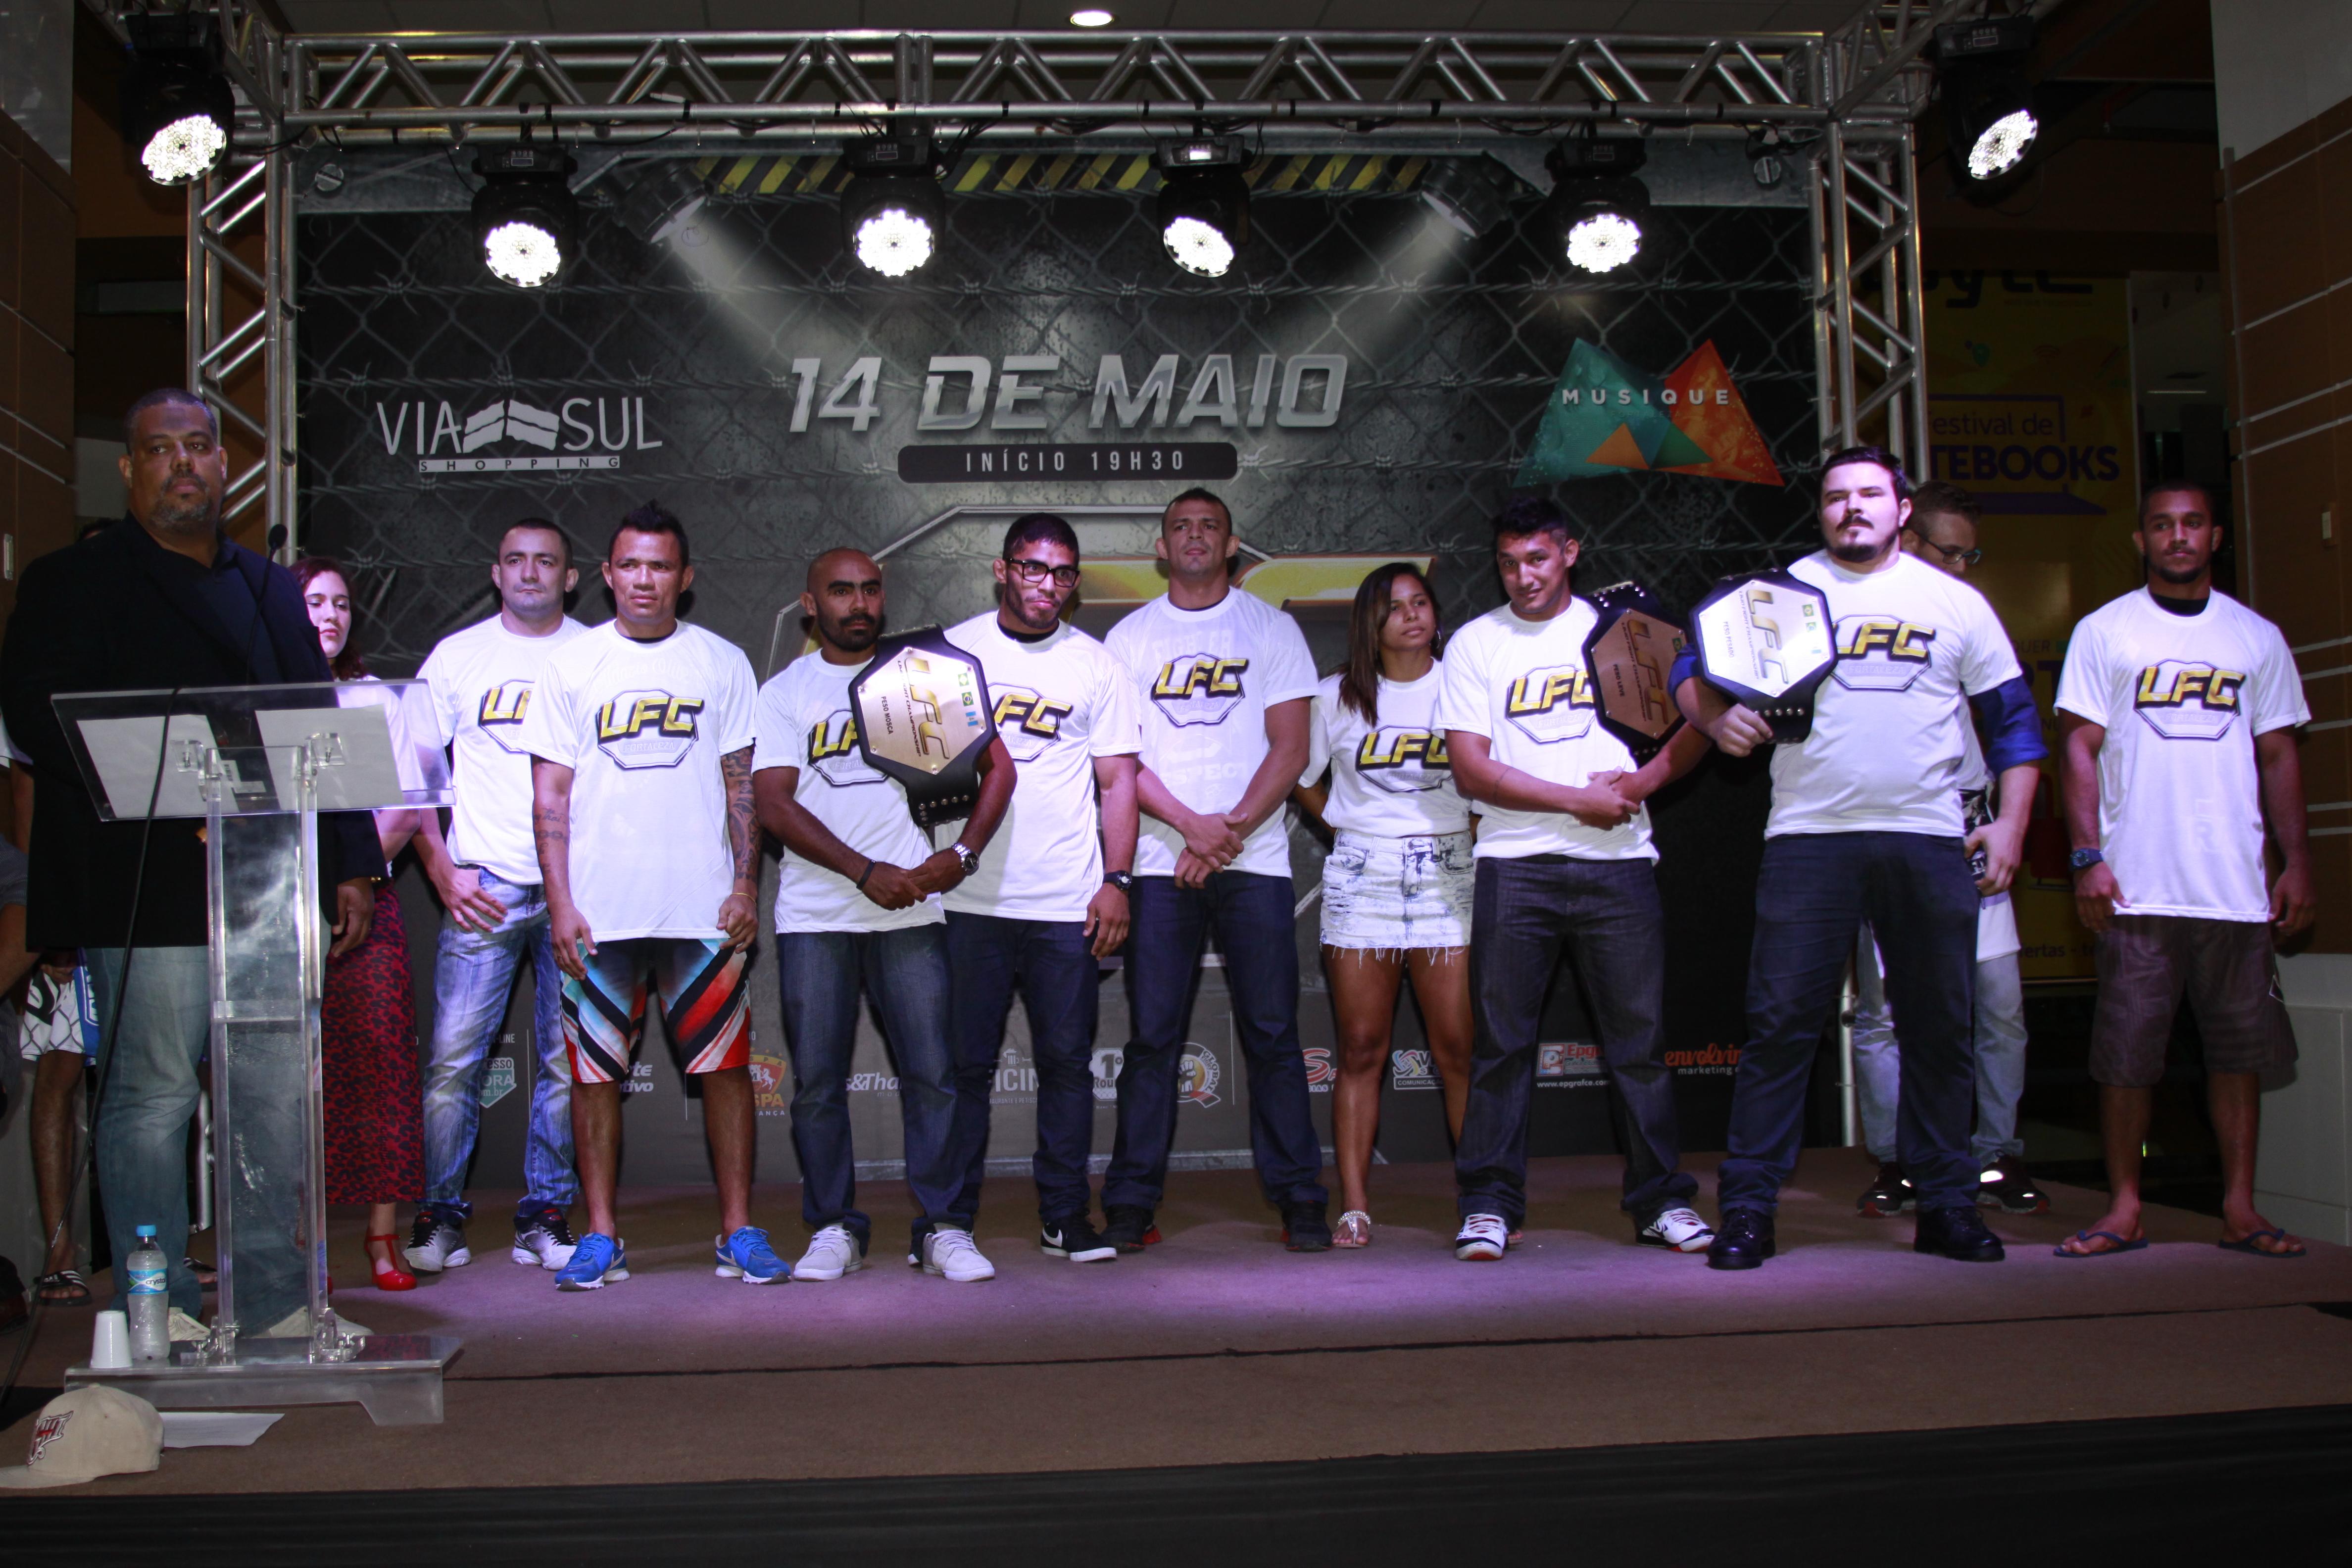 Evento contou com a presença de vários atletas do card. Fotos: Arquiteta Eventos